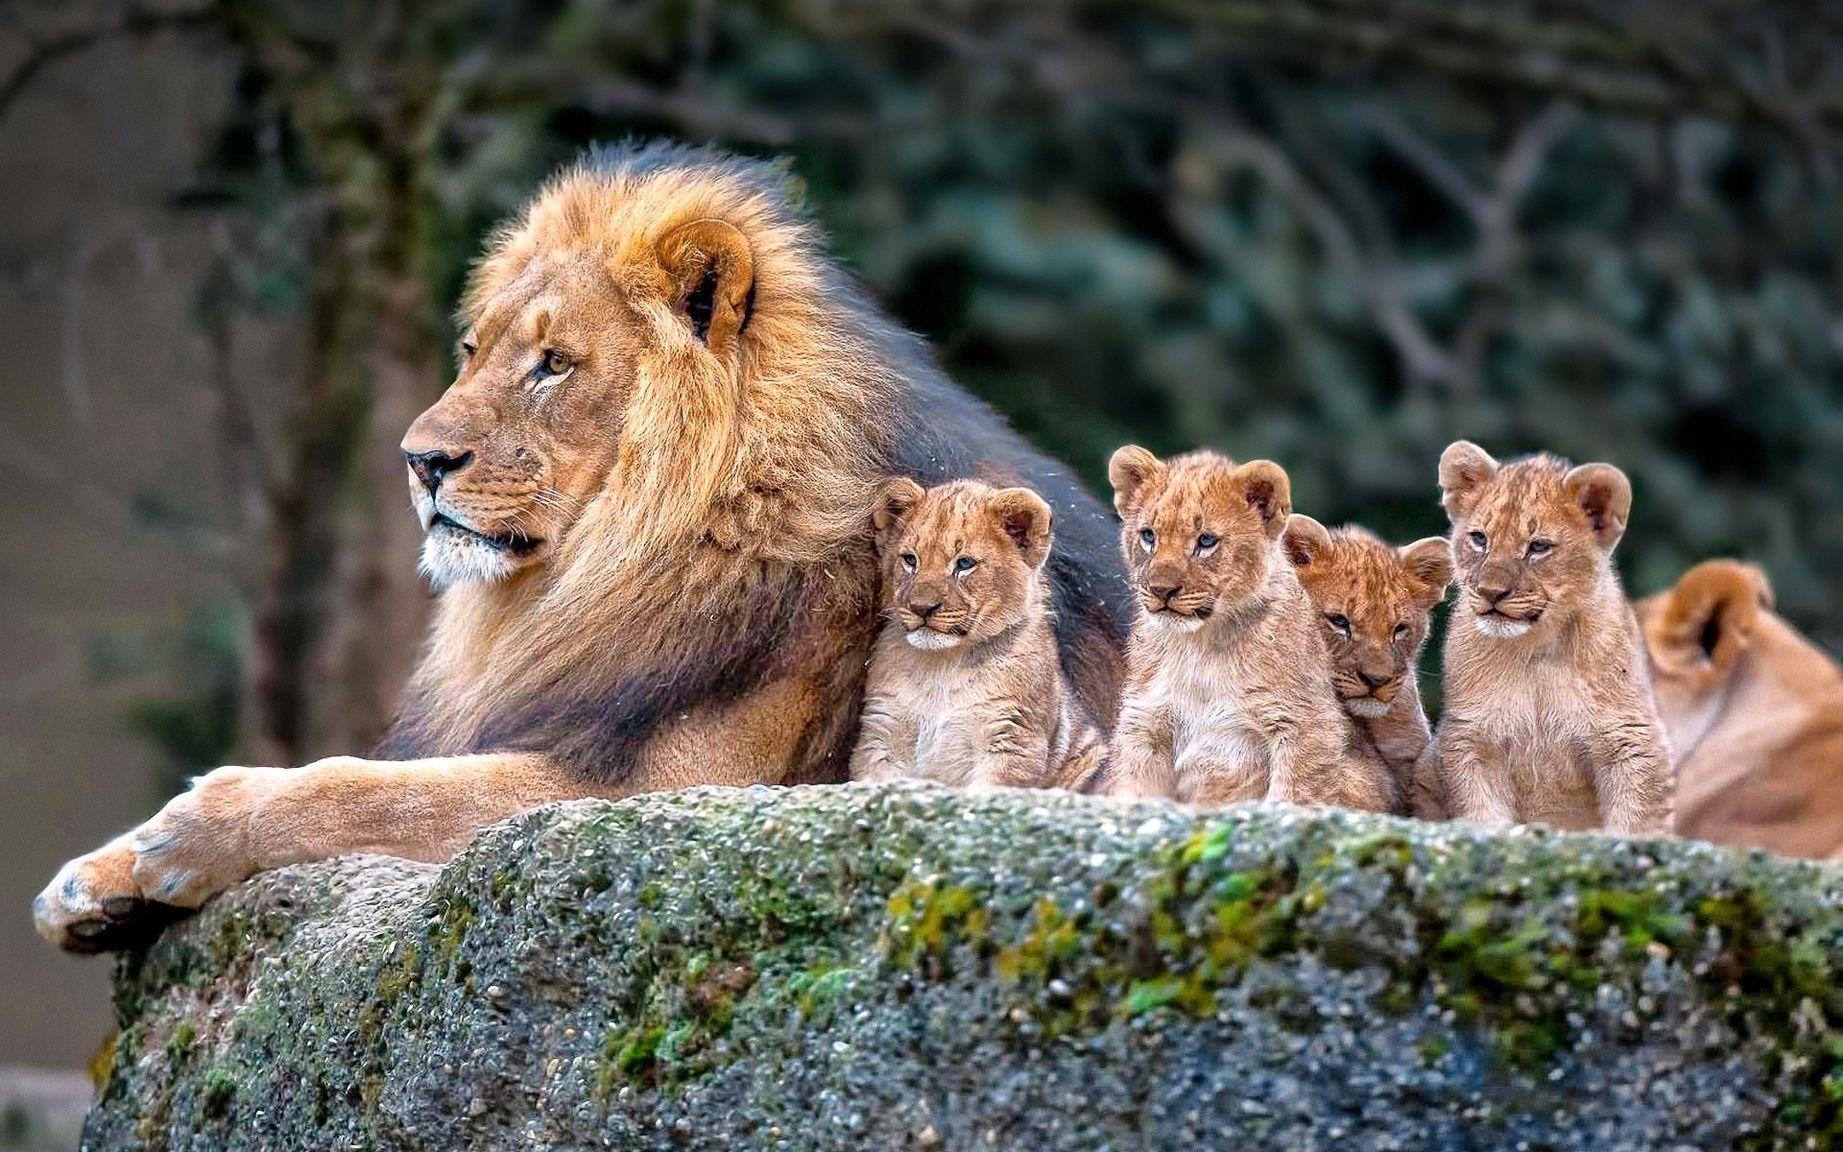 картинки на рабочий лев на природе считают, что услышать